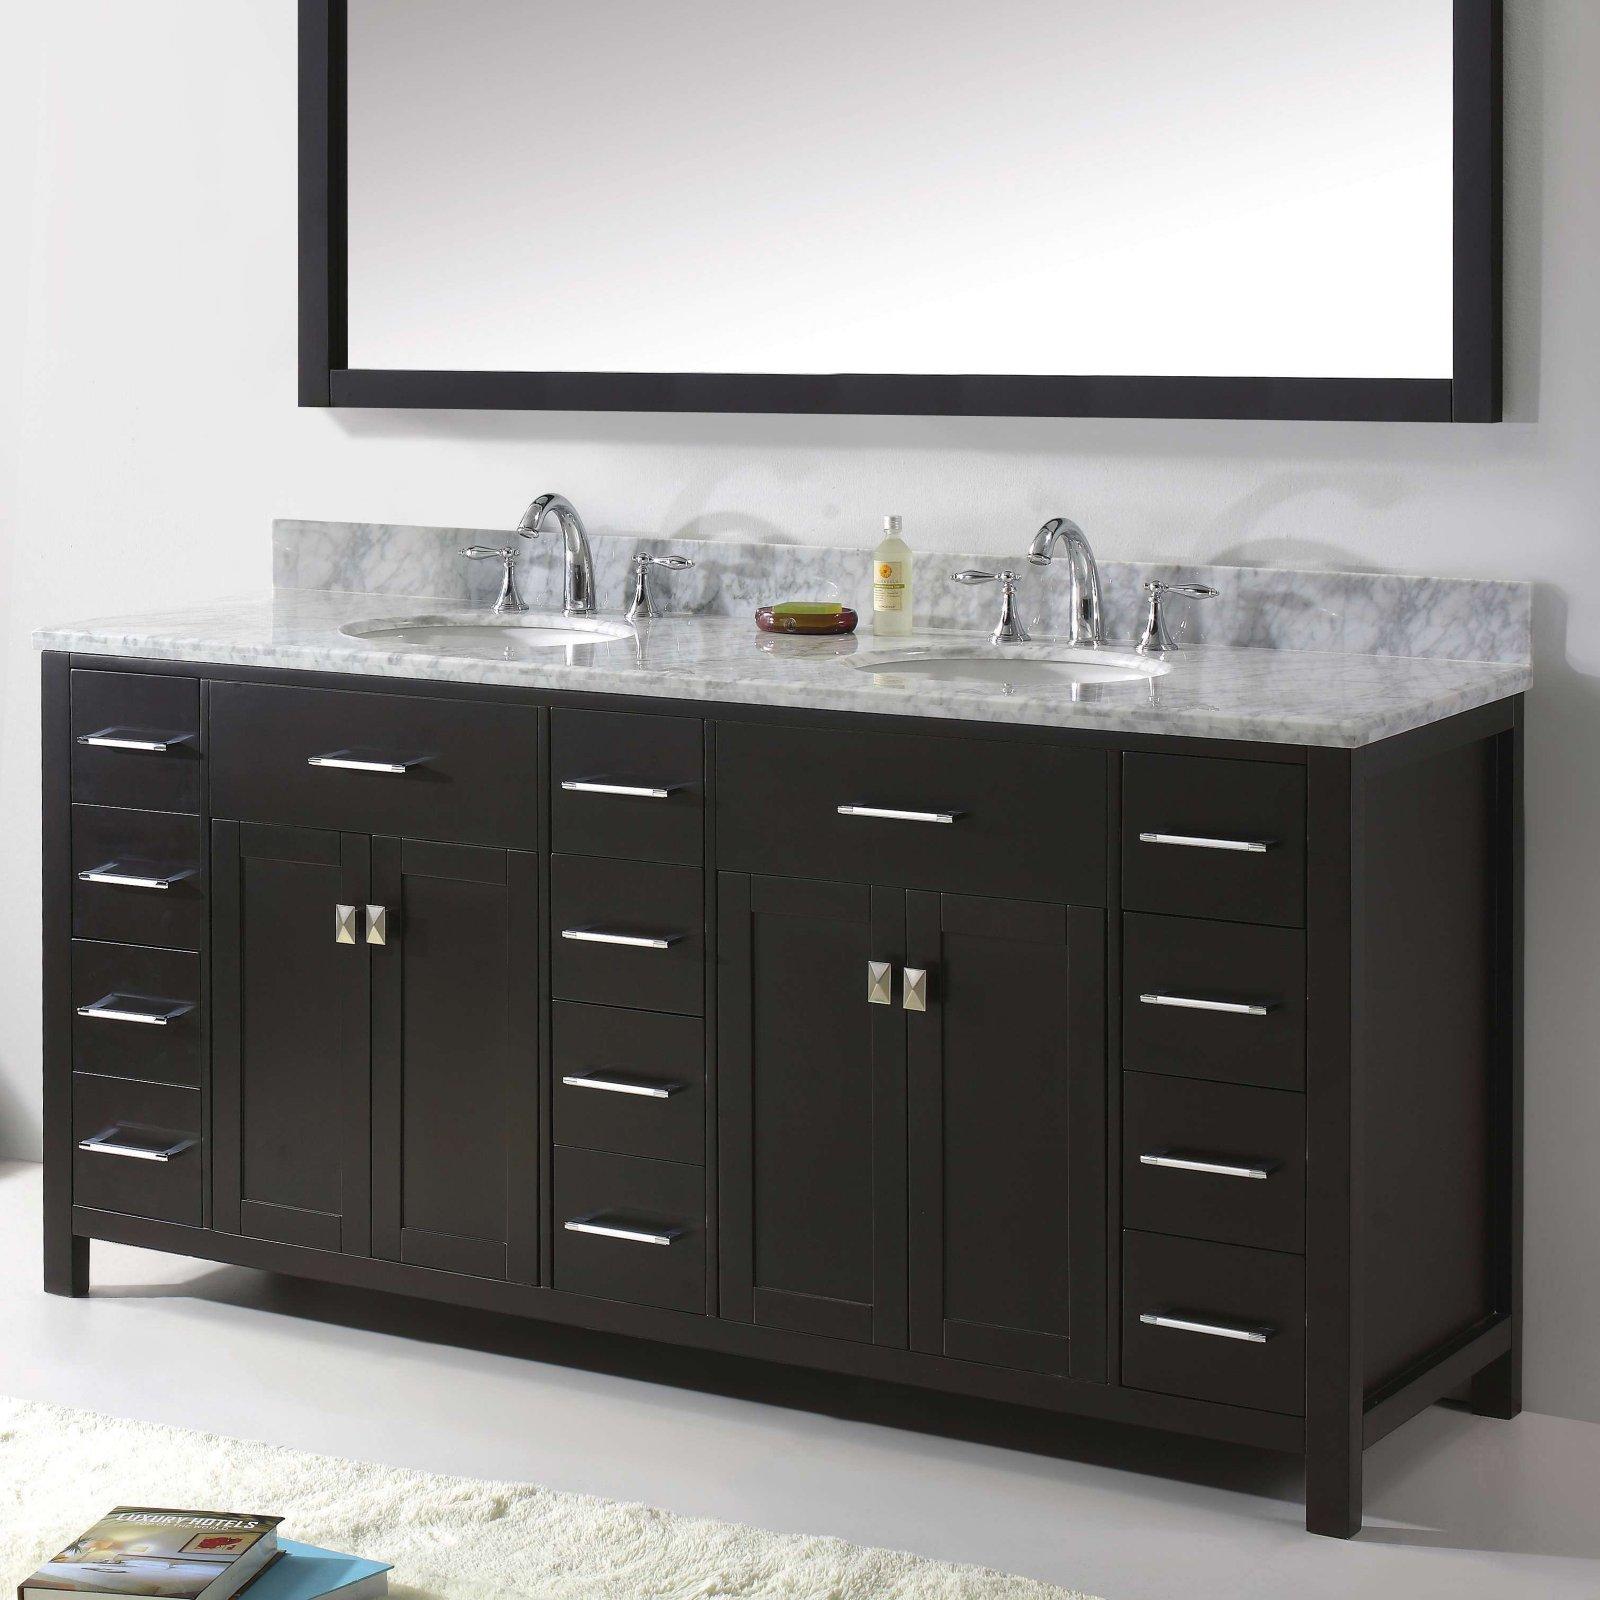 Virtu Caroline Parkway 72 in. Double Bathroom Vanity Cabinet